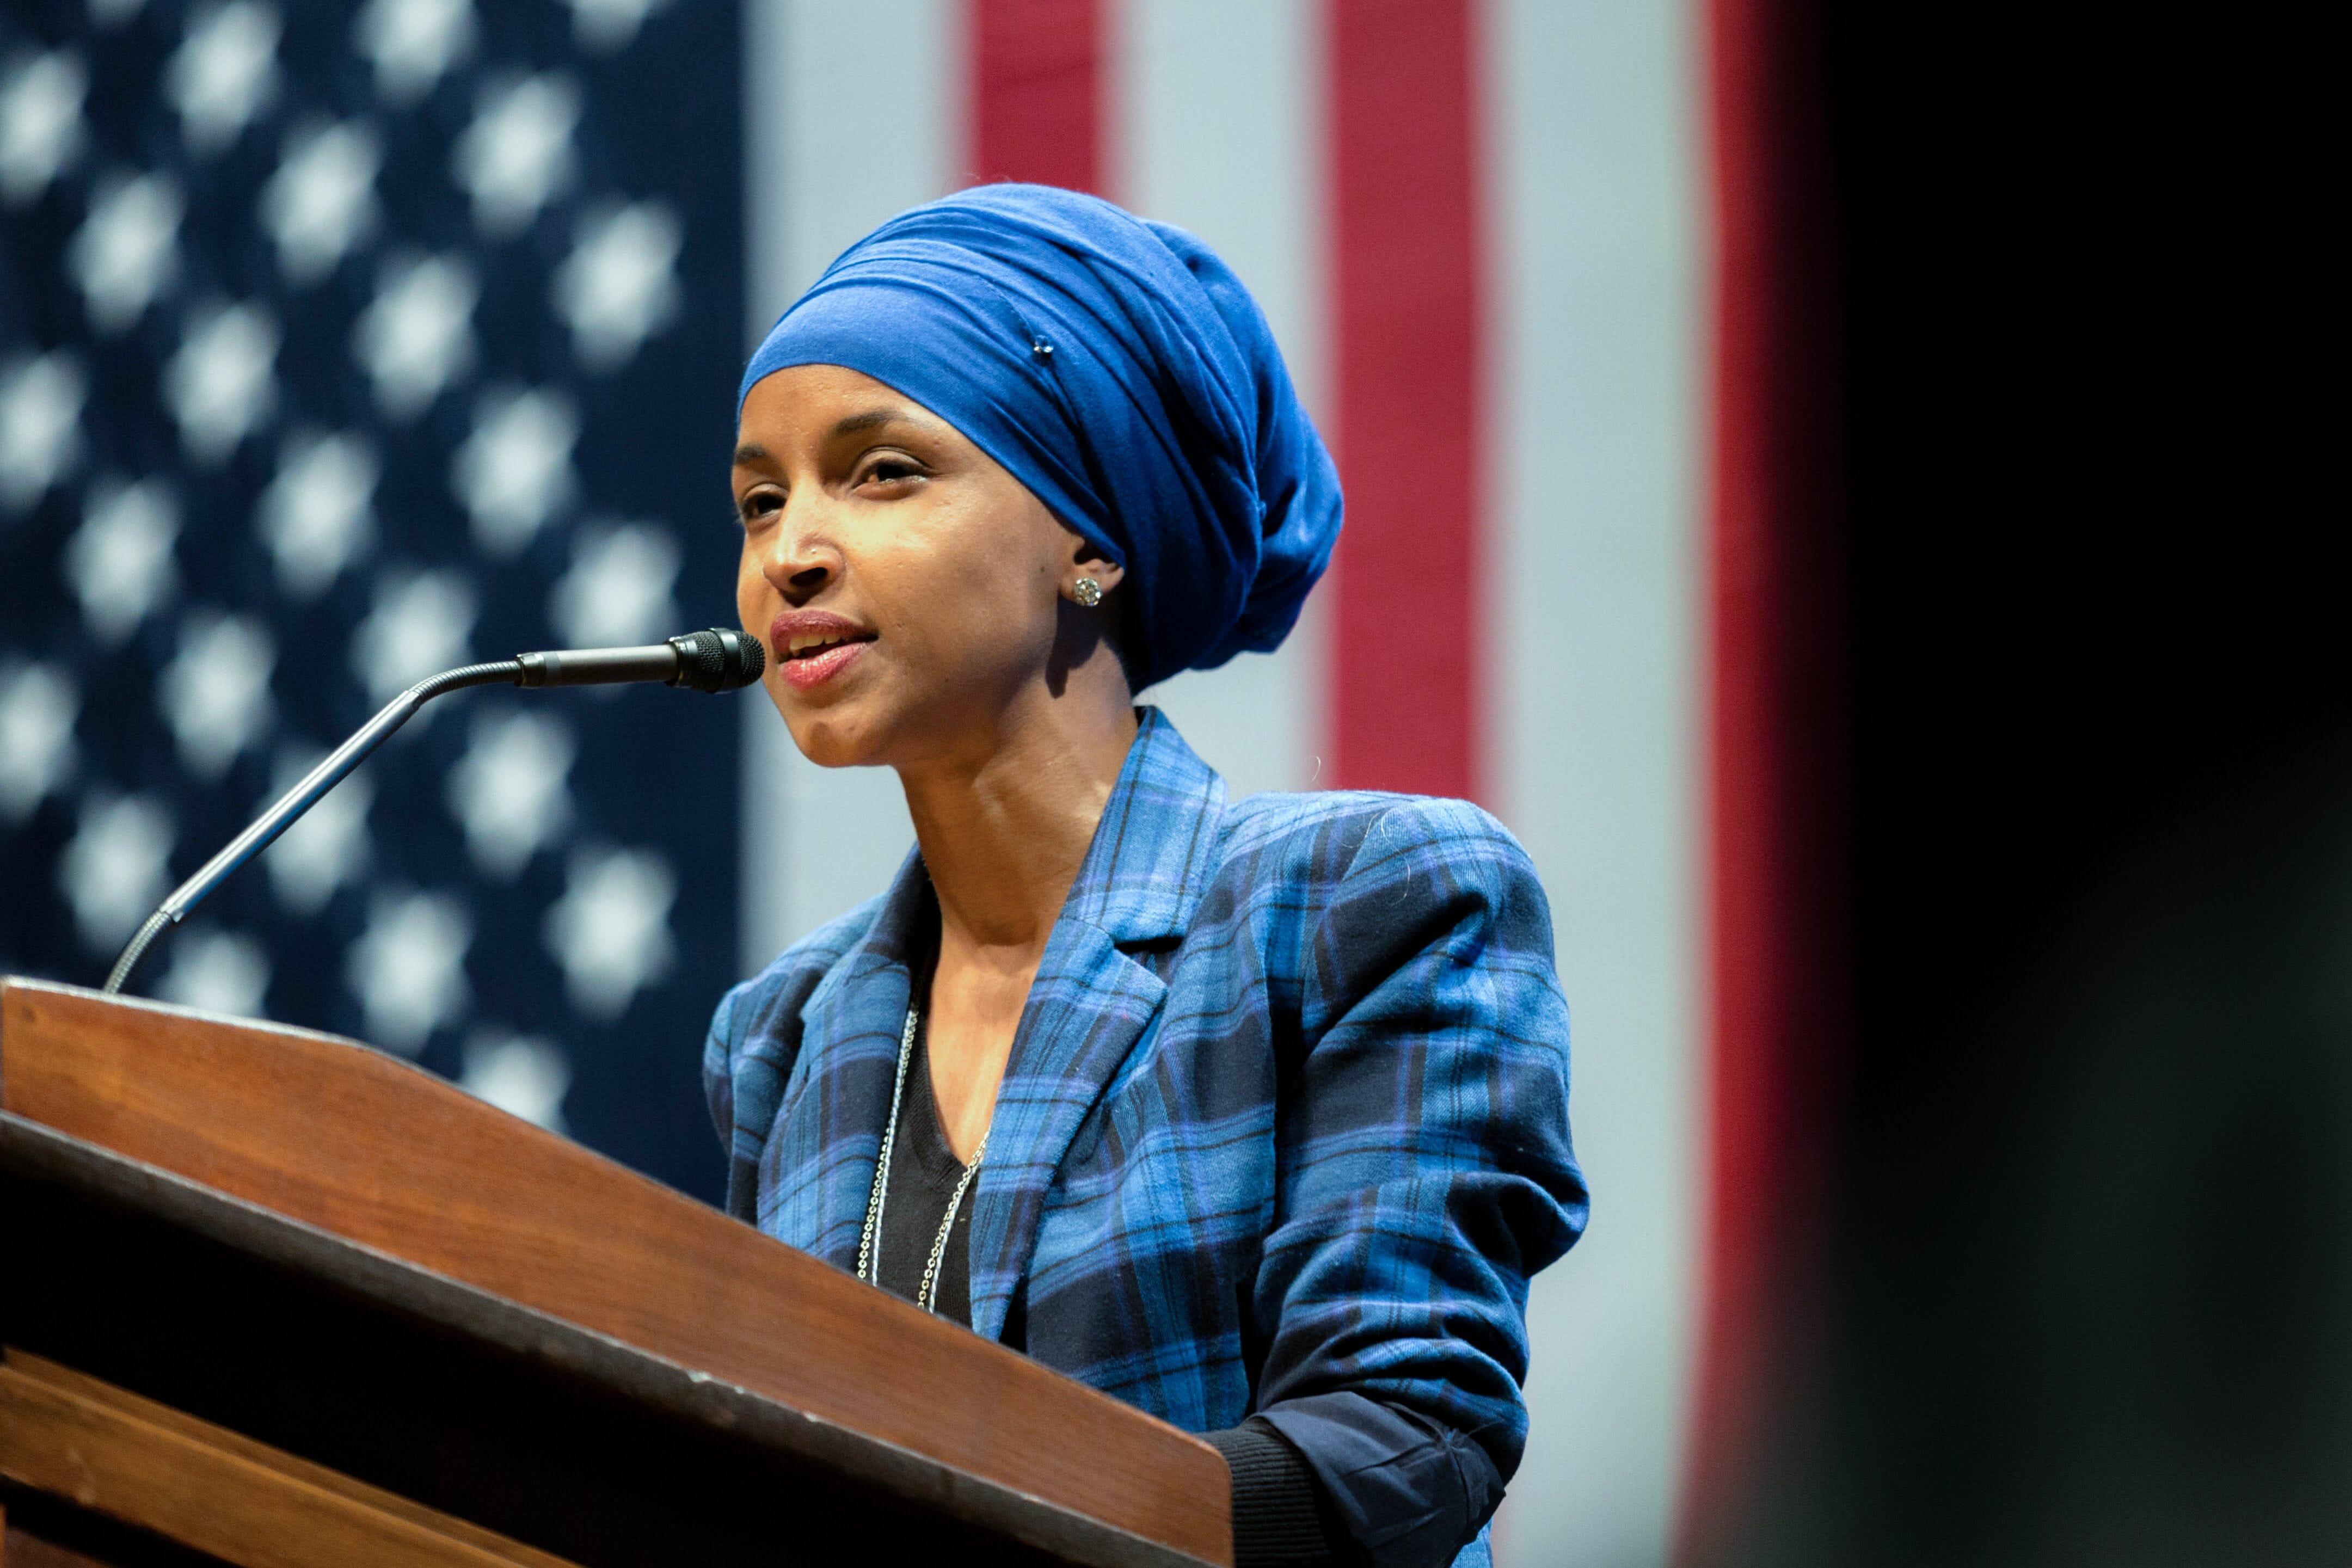 """Die """"Tagesschau"""" verschweigt den Antisemitismus einer US-Abgeordneten"""